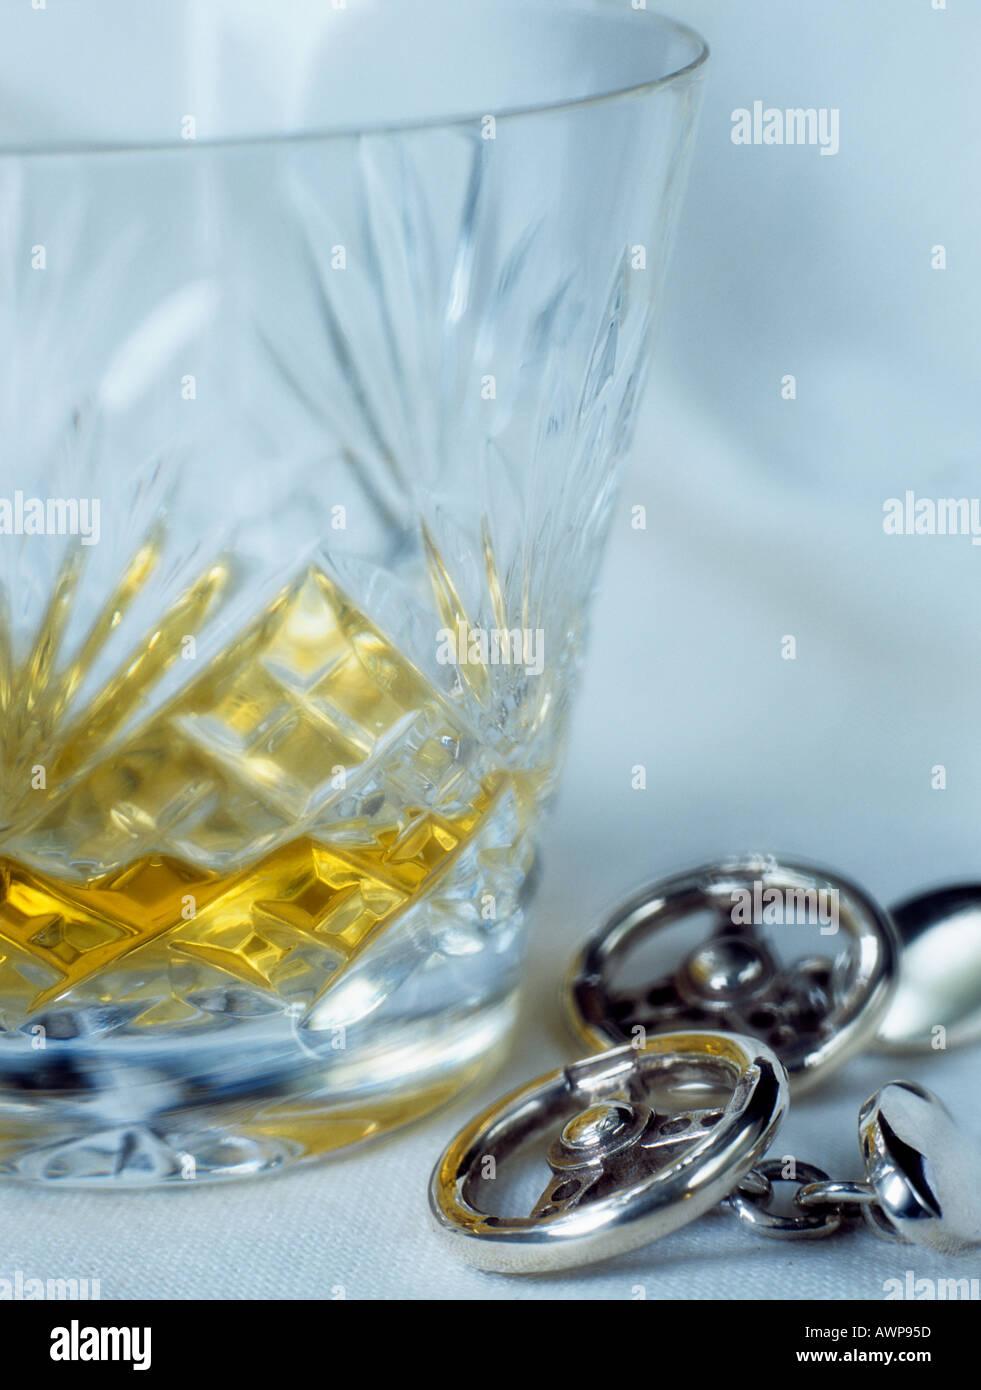 Un tir de single malt whisky dans une coupe de cristal de verre de whisky à côté du tumbler hommes Volant Liens brassard pour illustrer le concept d'entraînement de ne pas boire. UK Photo Stock